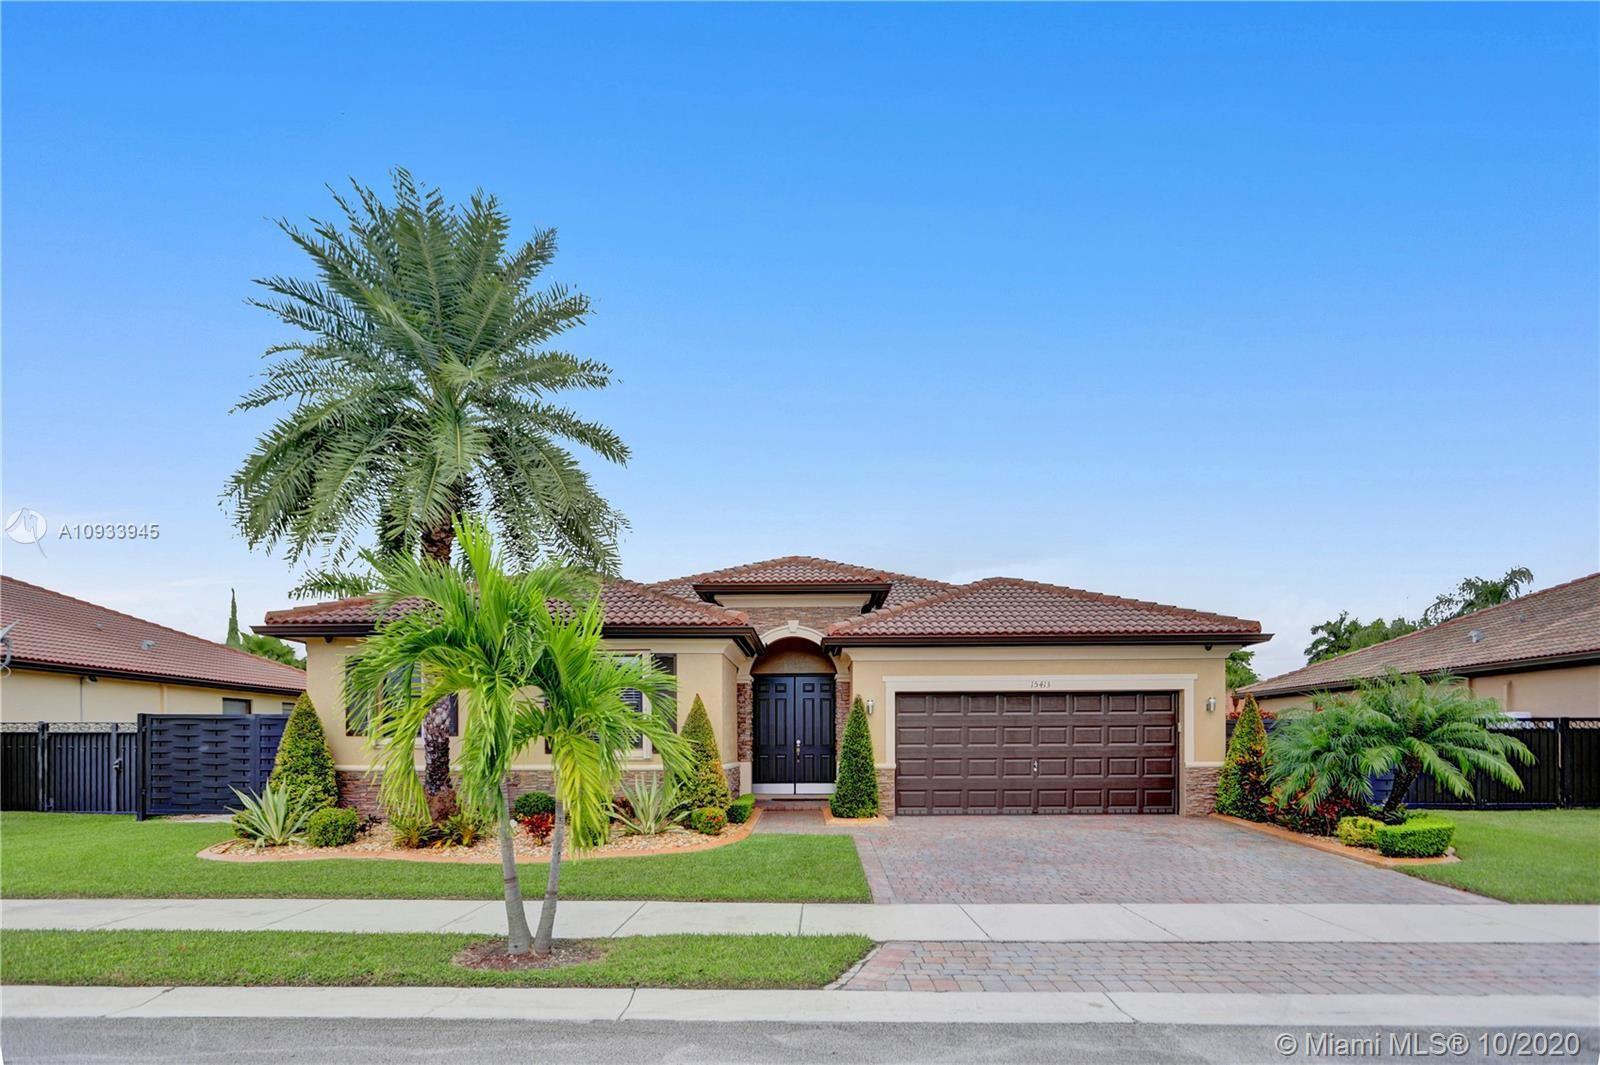 15413 SW 116th Ter, Miami, FL 33196 - #: A10933945